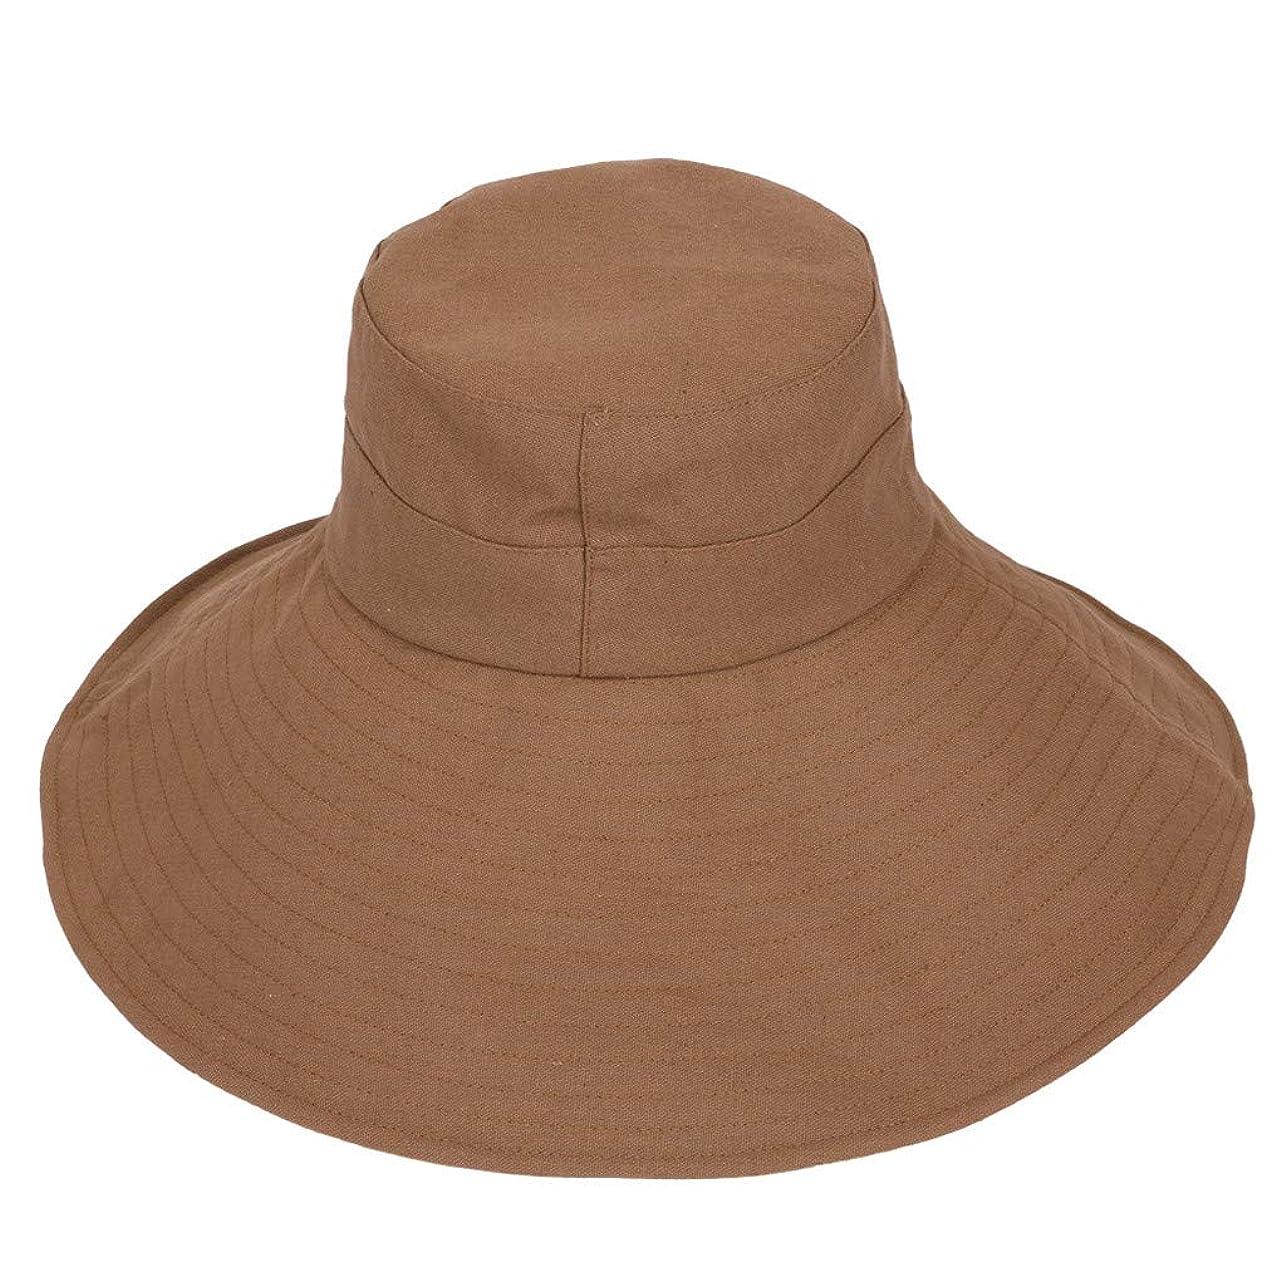 団結一次人形漁師帽 ROSE ROMAN 帽子 レディース UVカット 帽子 UV帽子 日焼け防止 軽量 熱中症予防 取り外すあご紐 つば広 おしゃれ 可愛い 夏季 海 旅行 無地 ワイルド カジュアル スタイル ファッション シンプル 発送